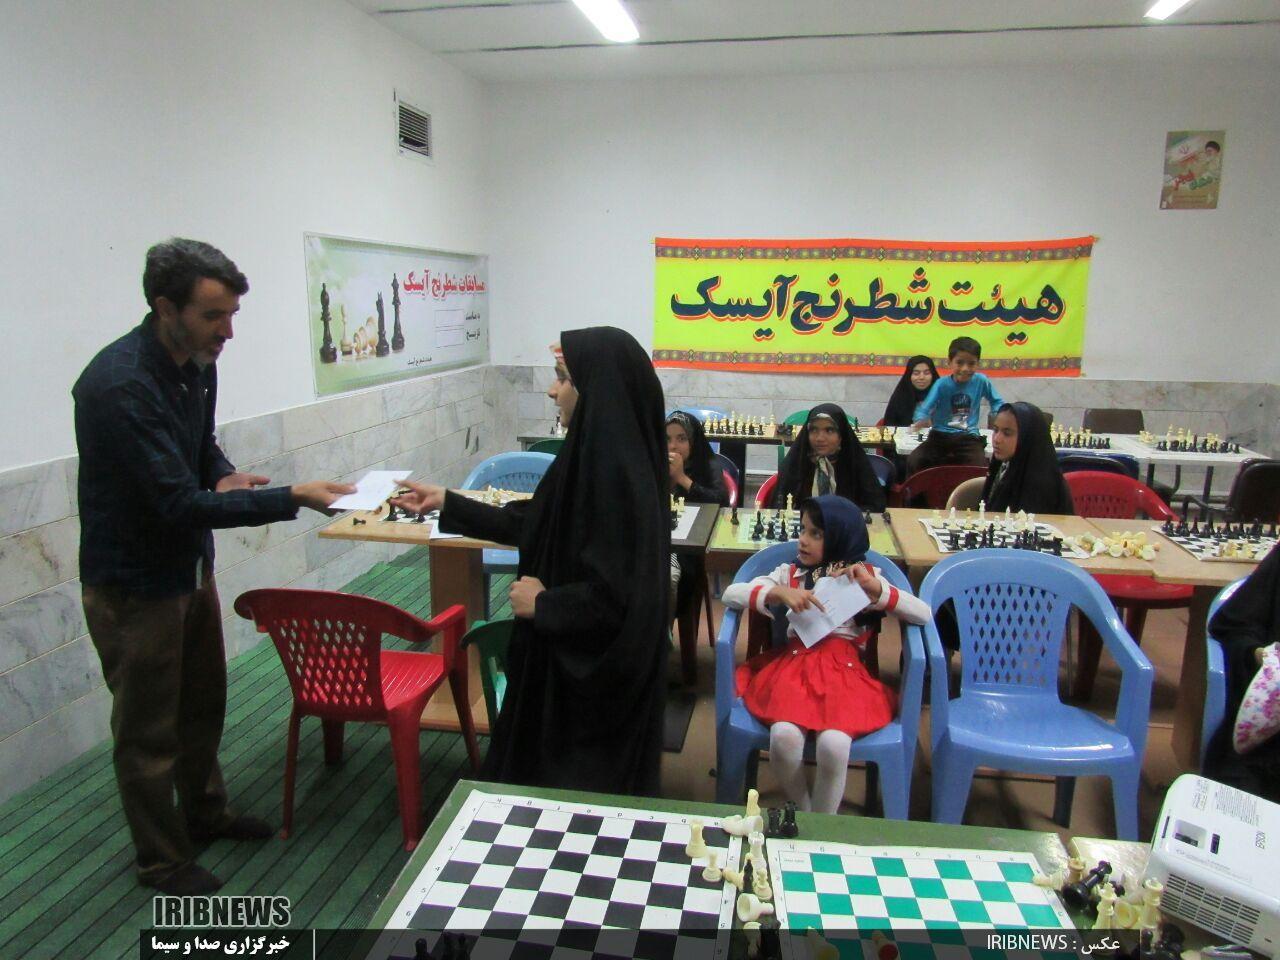 برگزاری مسابقات شطرنج در آیسک